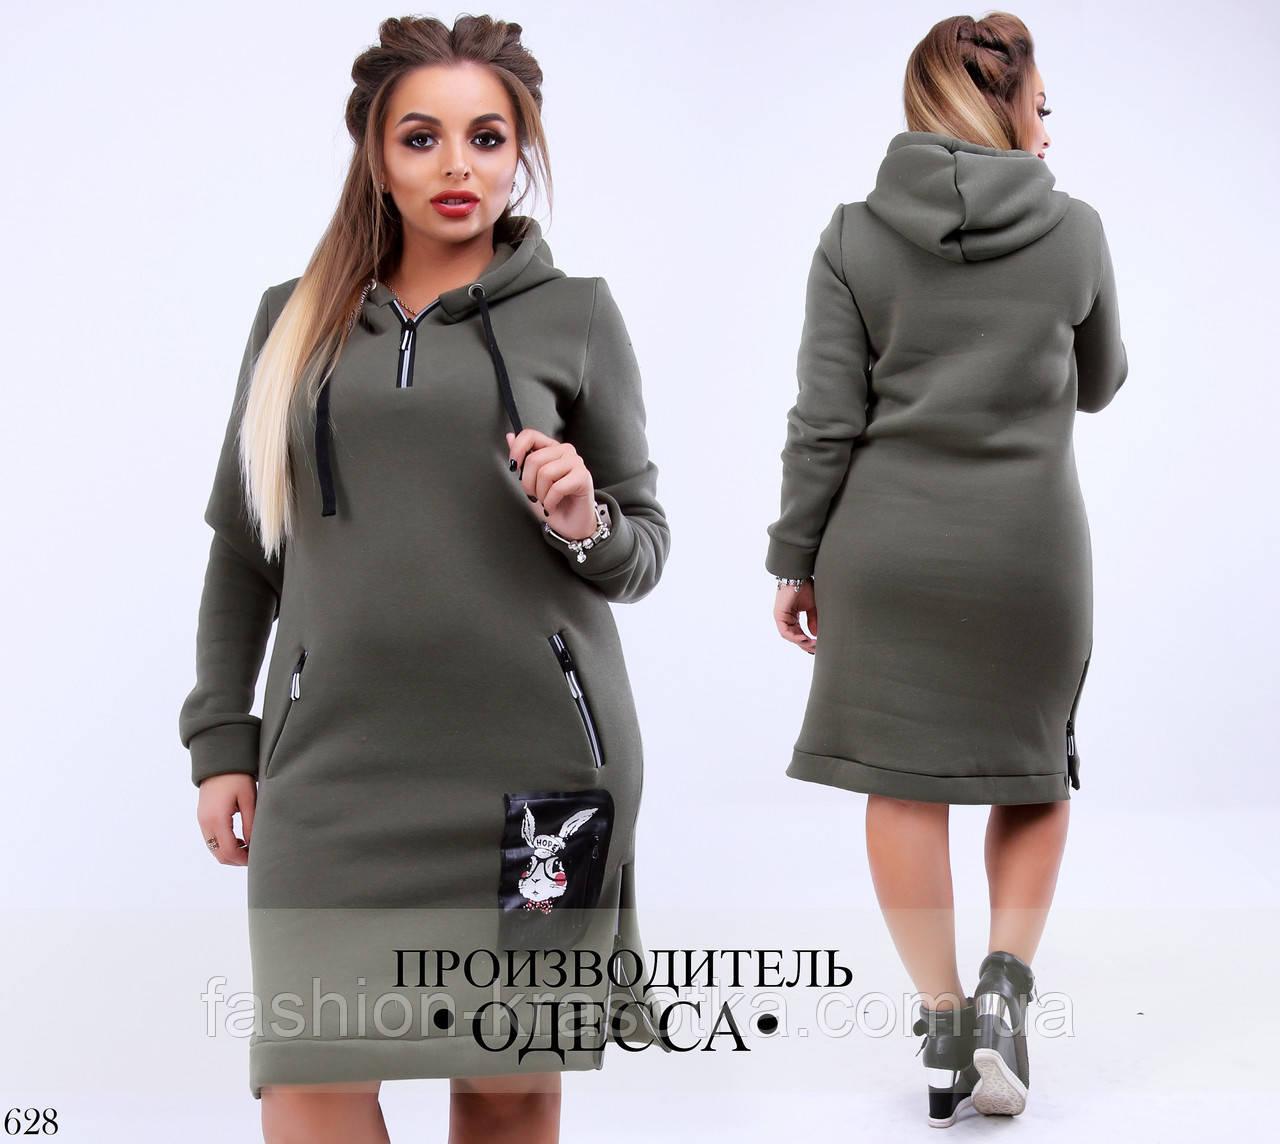 e72b5ef5e55 Платье спортивное теплое с капюшоном 50-52